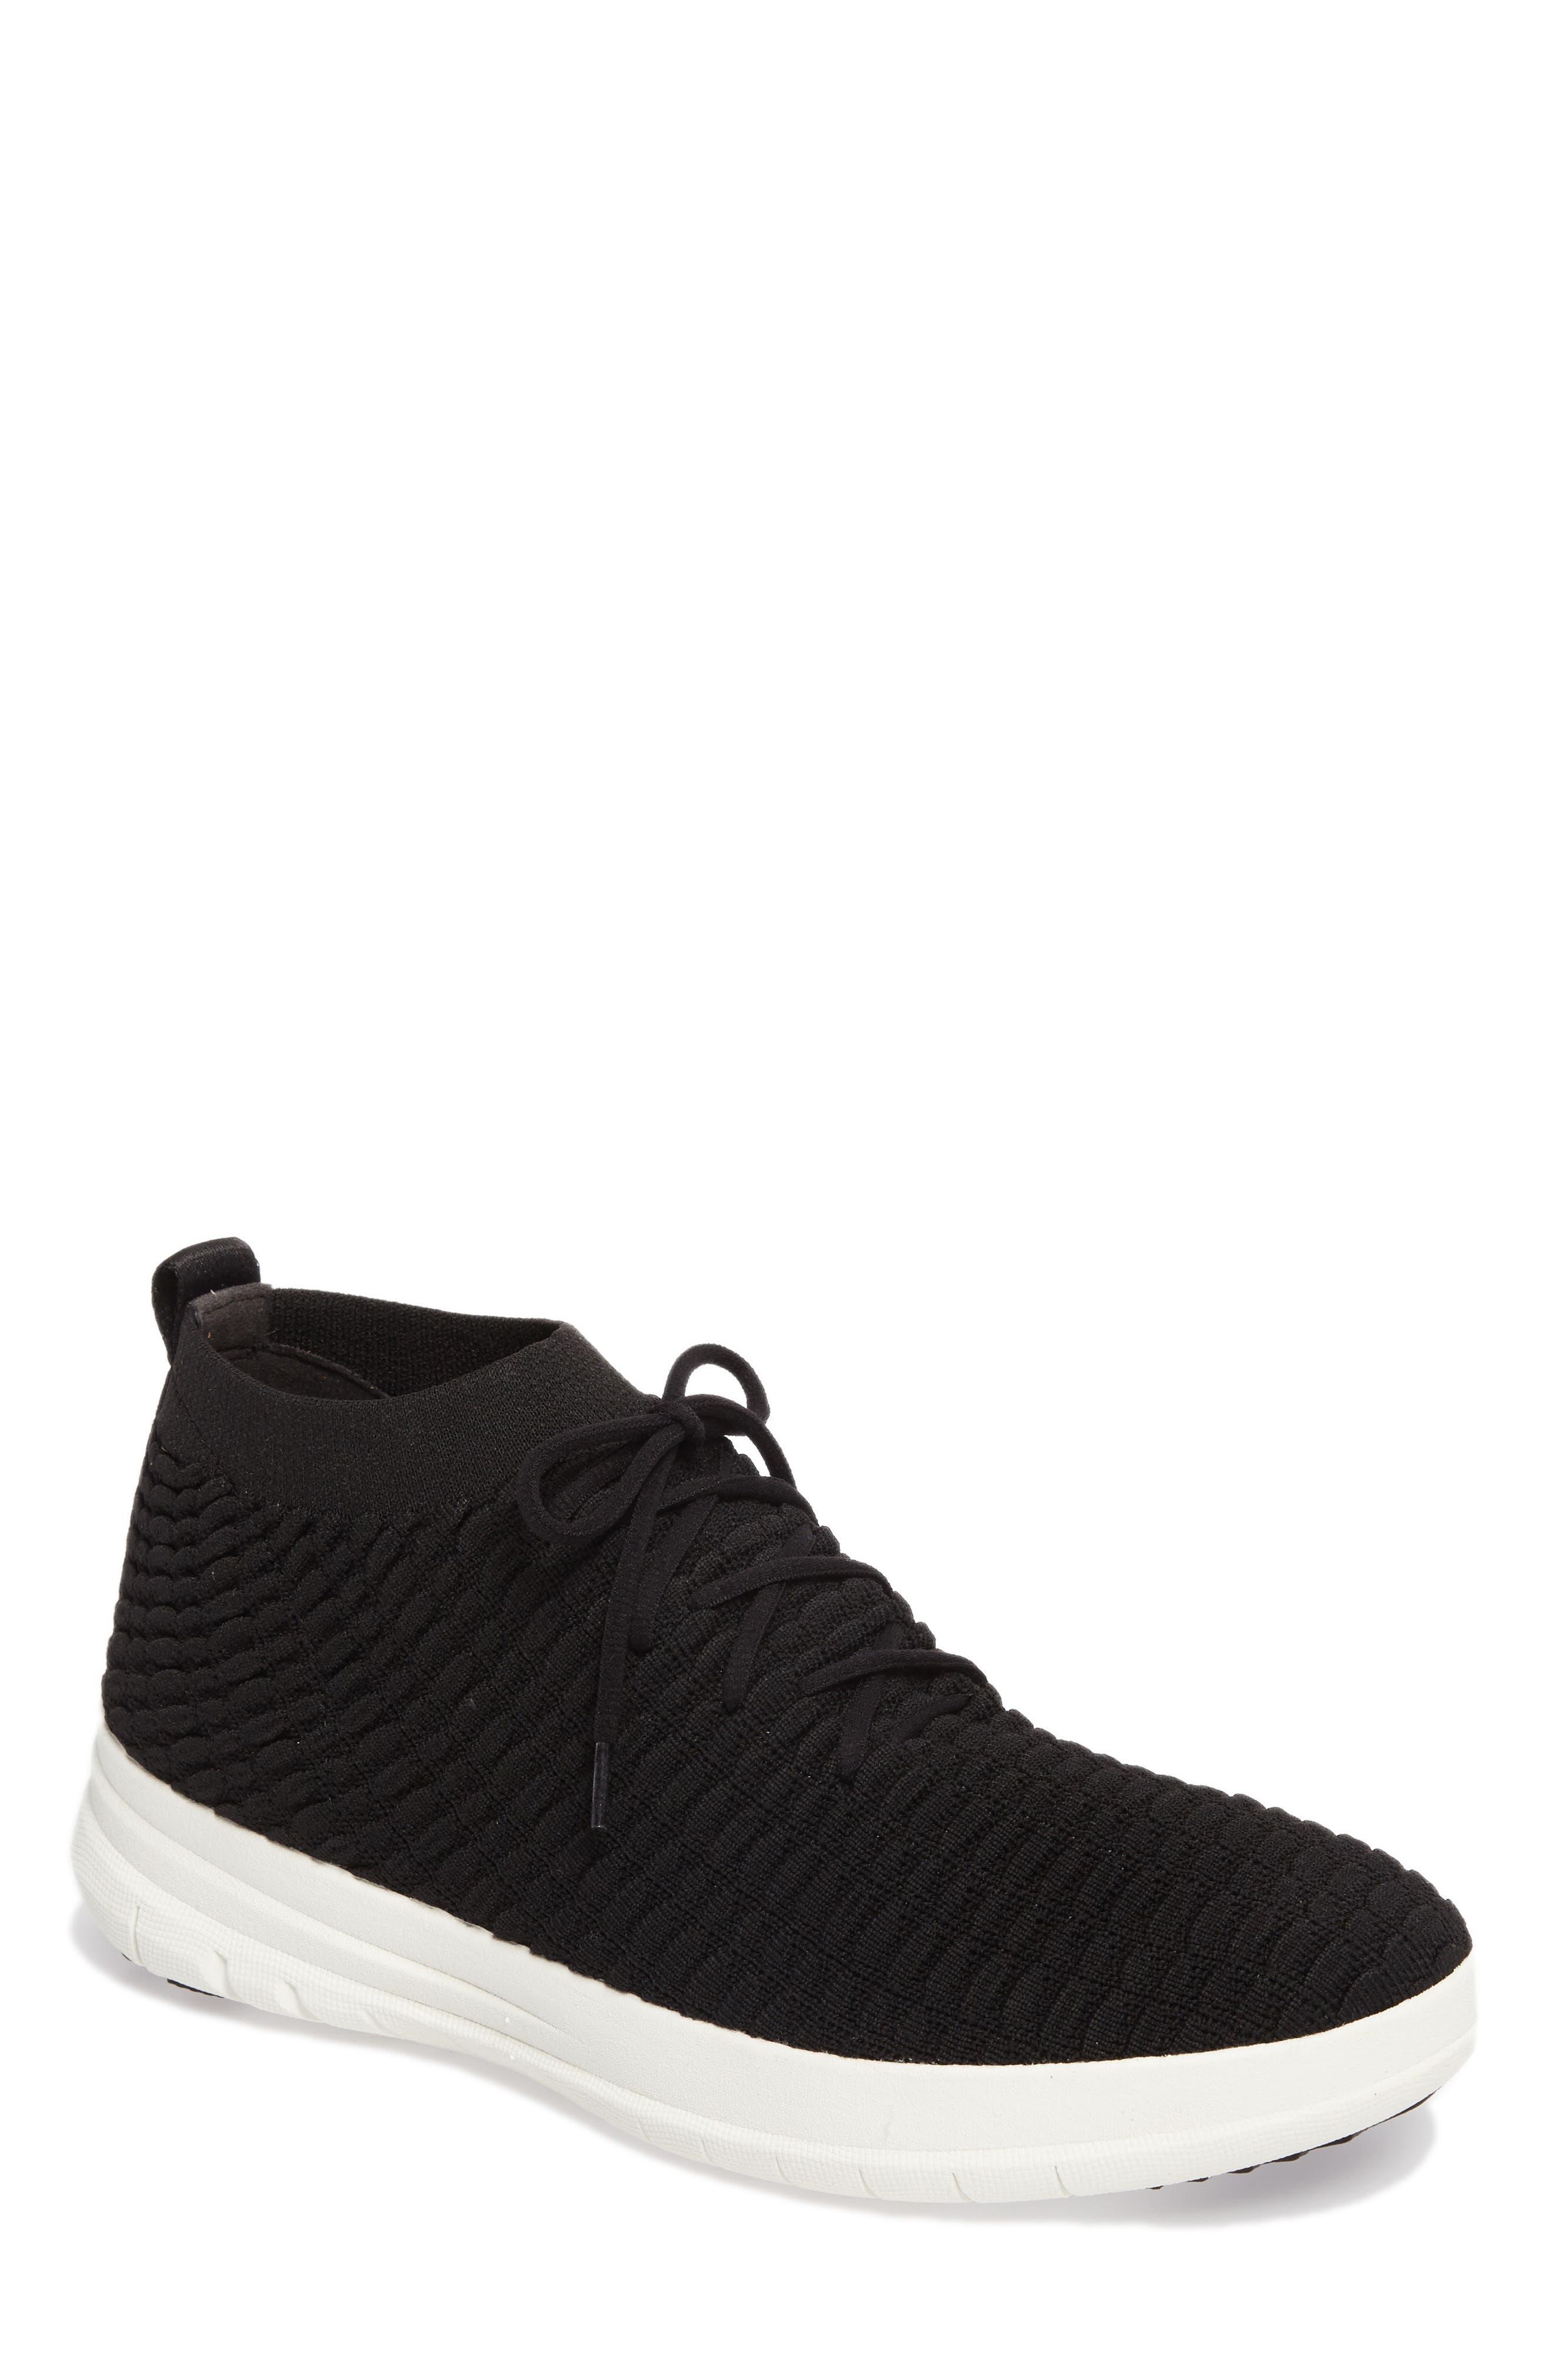 Uberknit Sneaker,                         Main,                         color, Black Textile